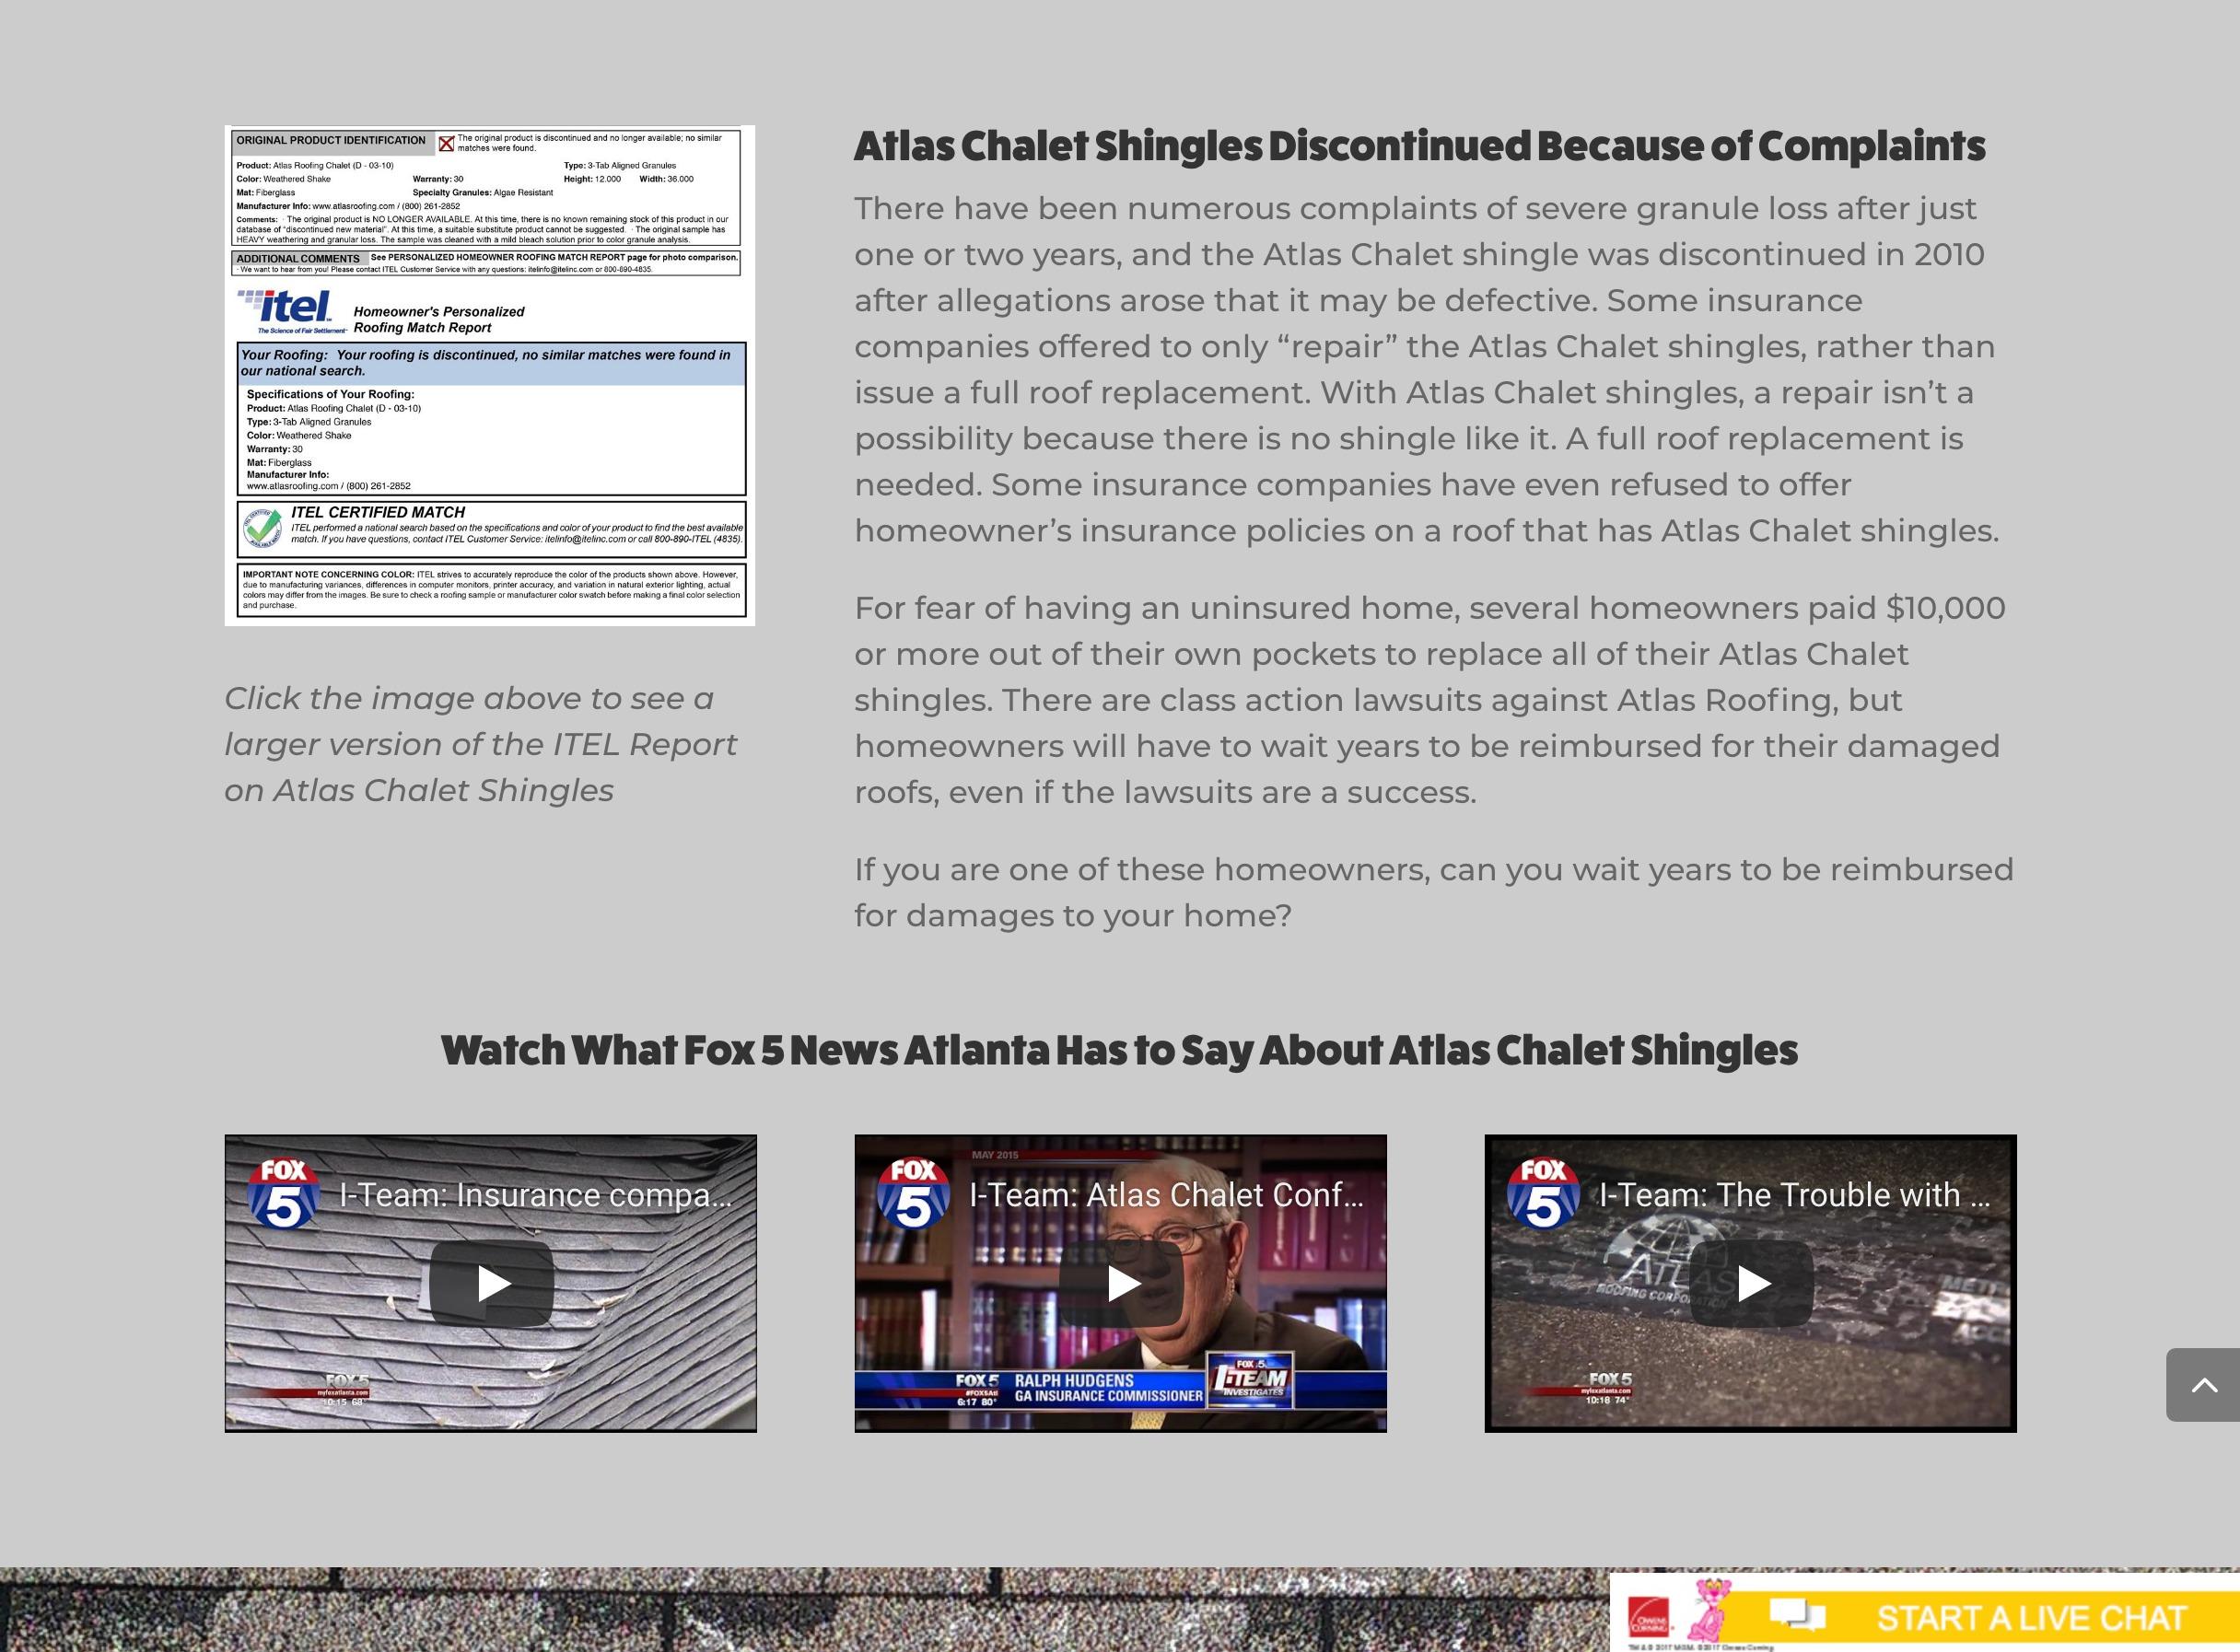 regrs-kennesaw-desktop-web-design-2